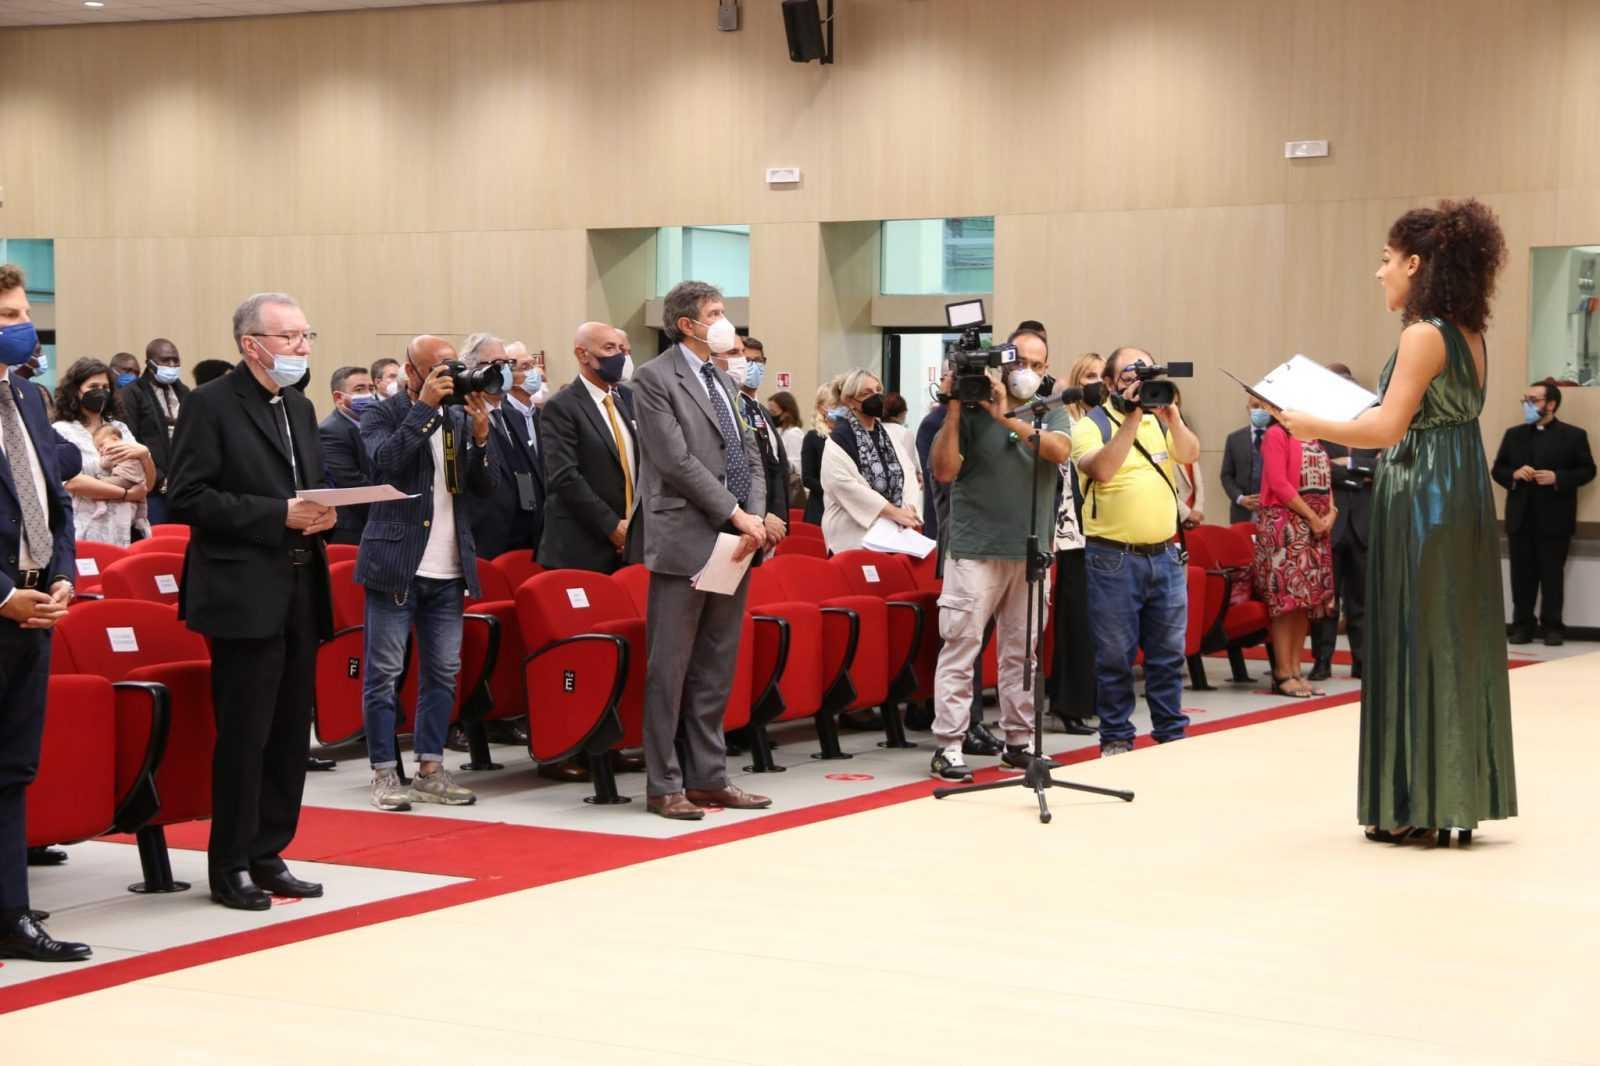 FOTO | IV Forum Internazionale del Gran Sasso, gli interventi di Parolin e Leuzzi ed il messaggio di Mattarella